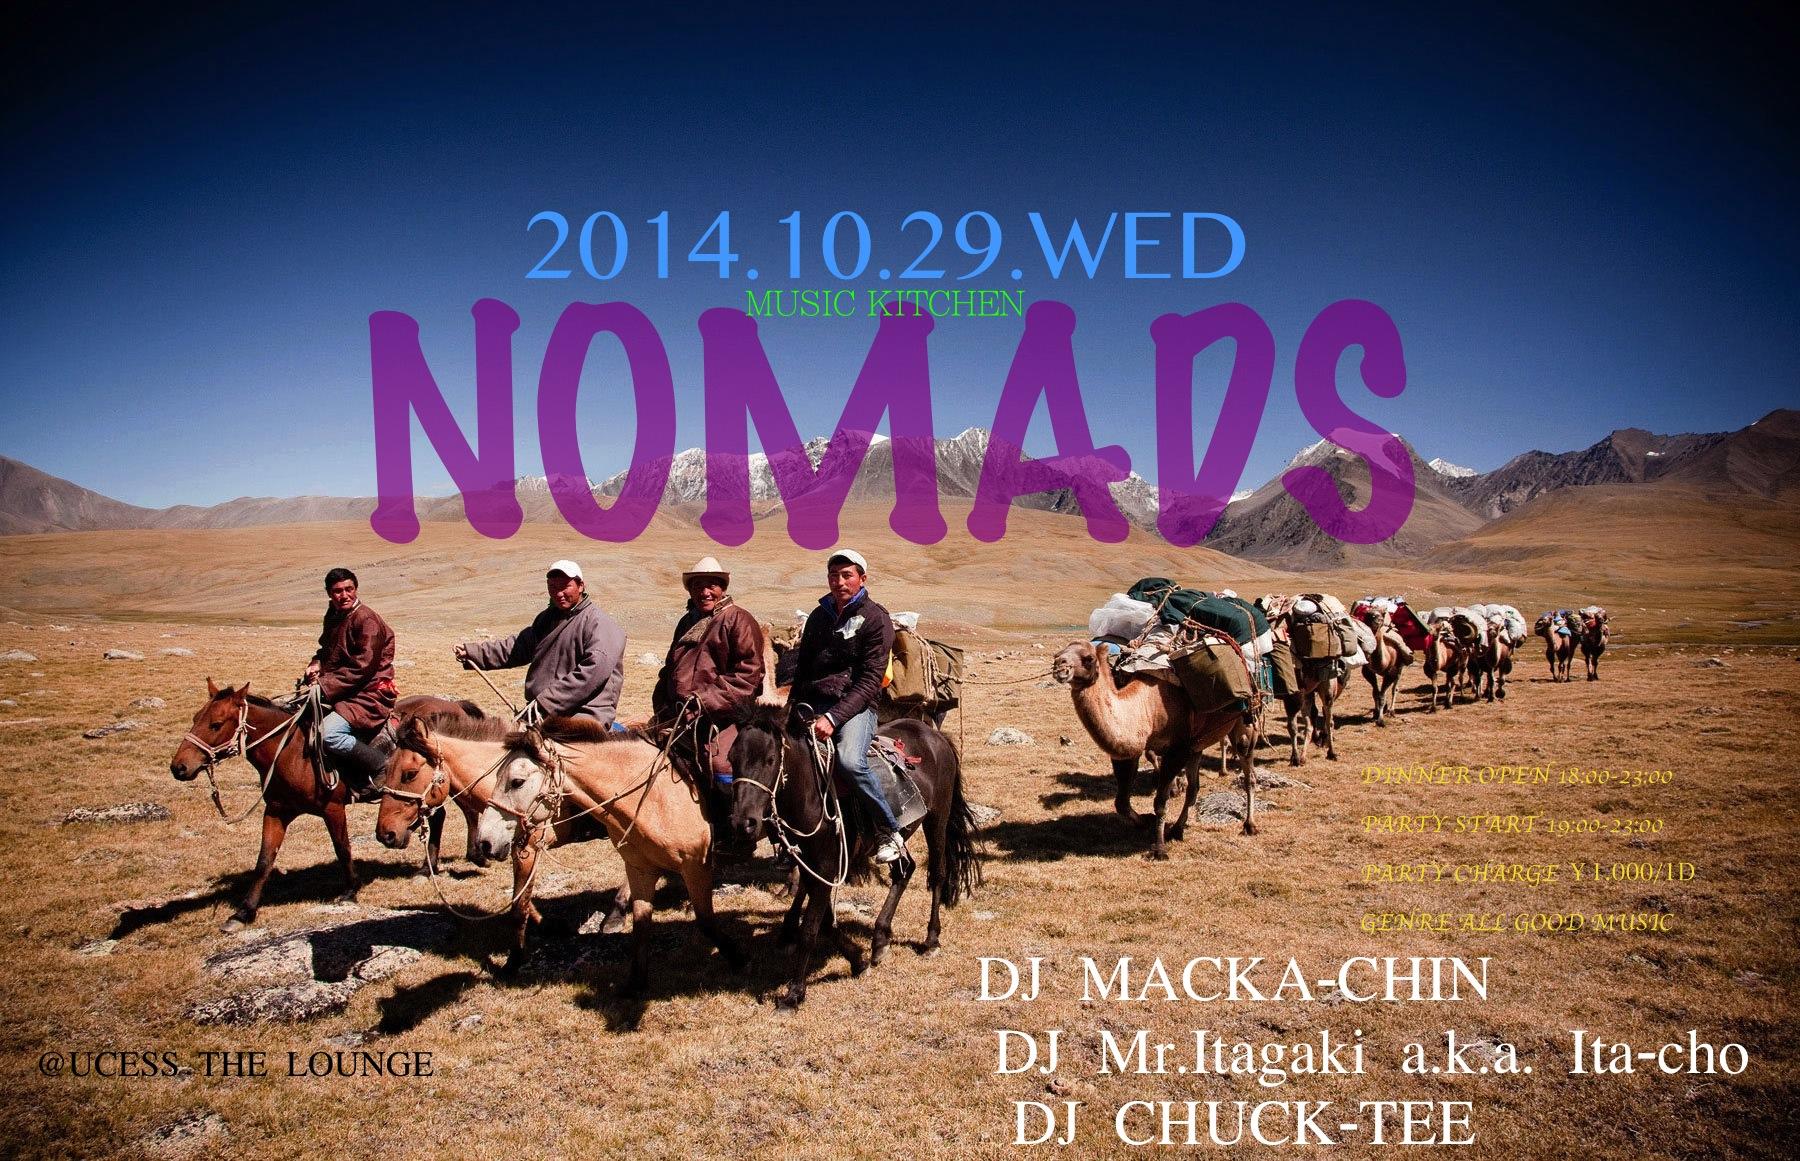 NOMADS.2014.10.29.jpeg